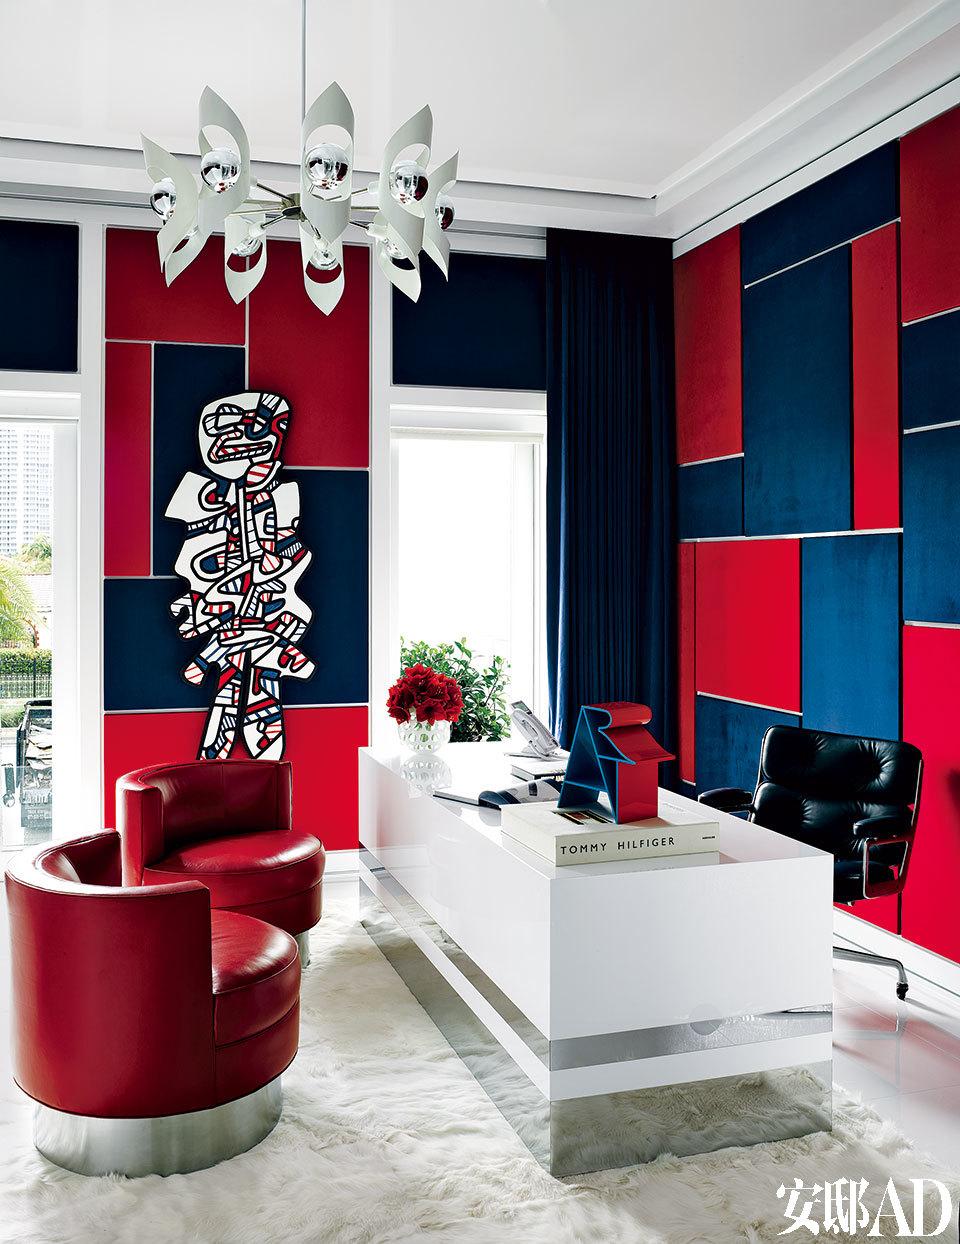 红白蓝是Tommy Hilfiger品牌的标签色,也是美国的国旗色。Tommy用自己的家再一次证明了他和他的品牌对美国文化的推崇。一幅Jean Dubuffet的作品展示在Tommy的办公室内。墙面由Robert Allen和Kravet的麂皮绒面料覆盖,窗帘选用了相同的Kravet面料。Martyn Lawrence Bullard设计的书桌对面是老式Harvey Probber桶背椅,用了Holly Hunt皮革来装饰,地毯来自The Rug Company。